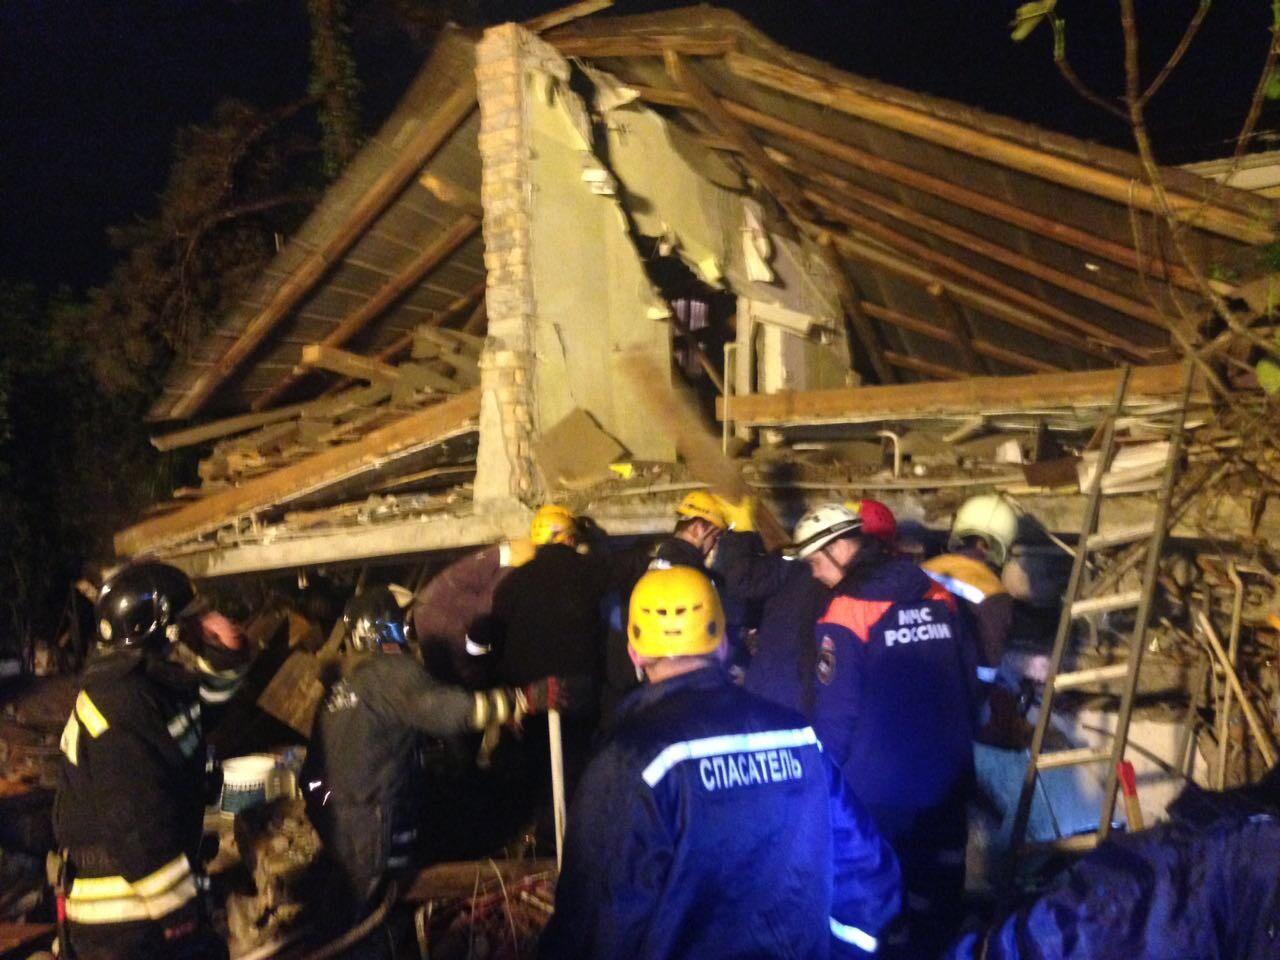 СК начал проверку по факту обрушения дома в Сочи